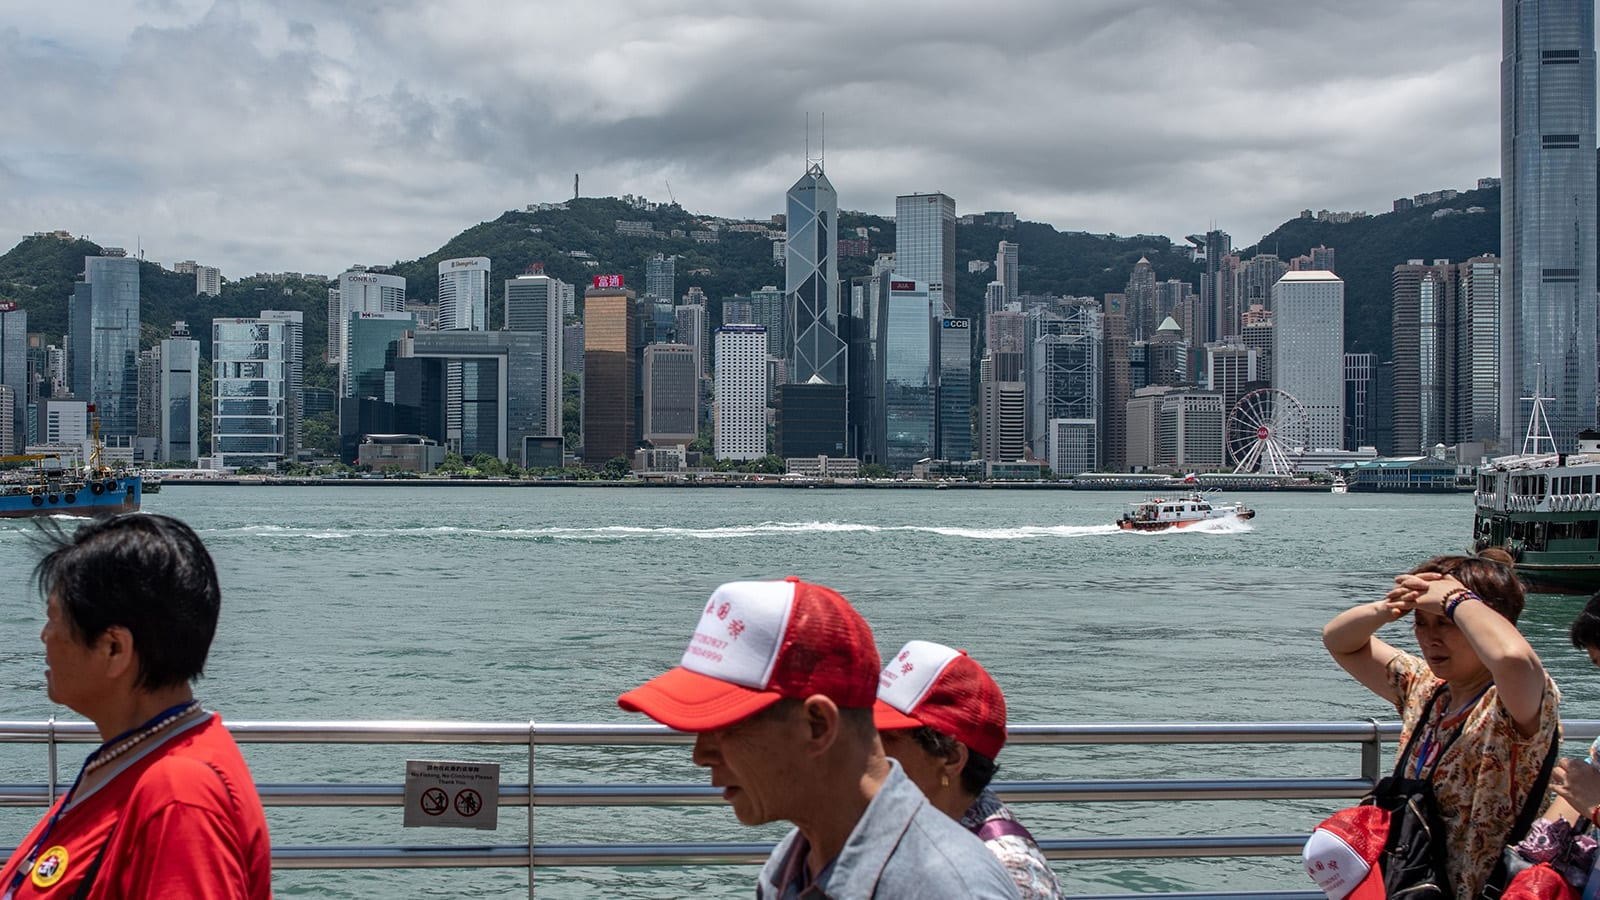 في ظل خطر فيروس كورونا..  قطاع السياحة يتأثر بسبب عدم سفر السياح الصينيين